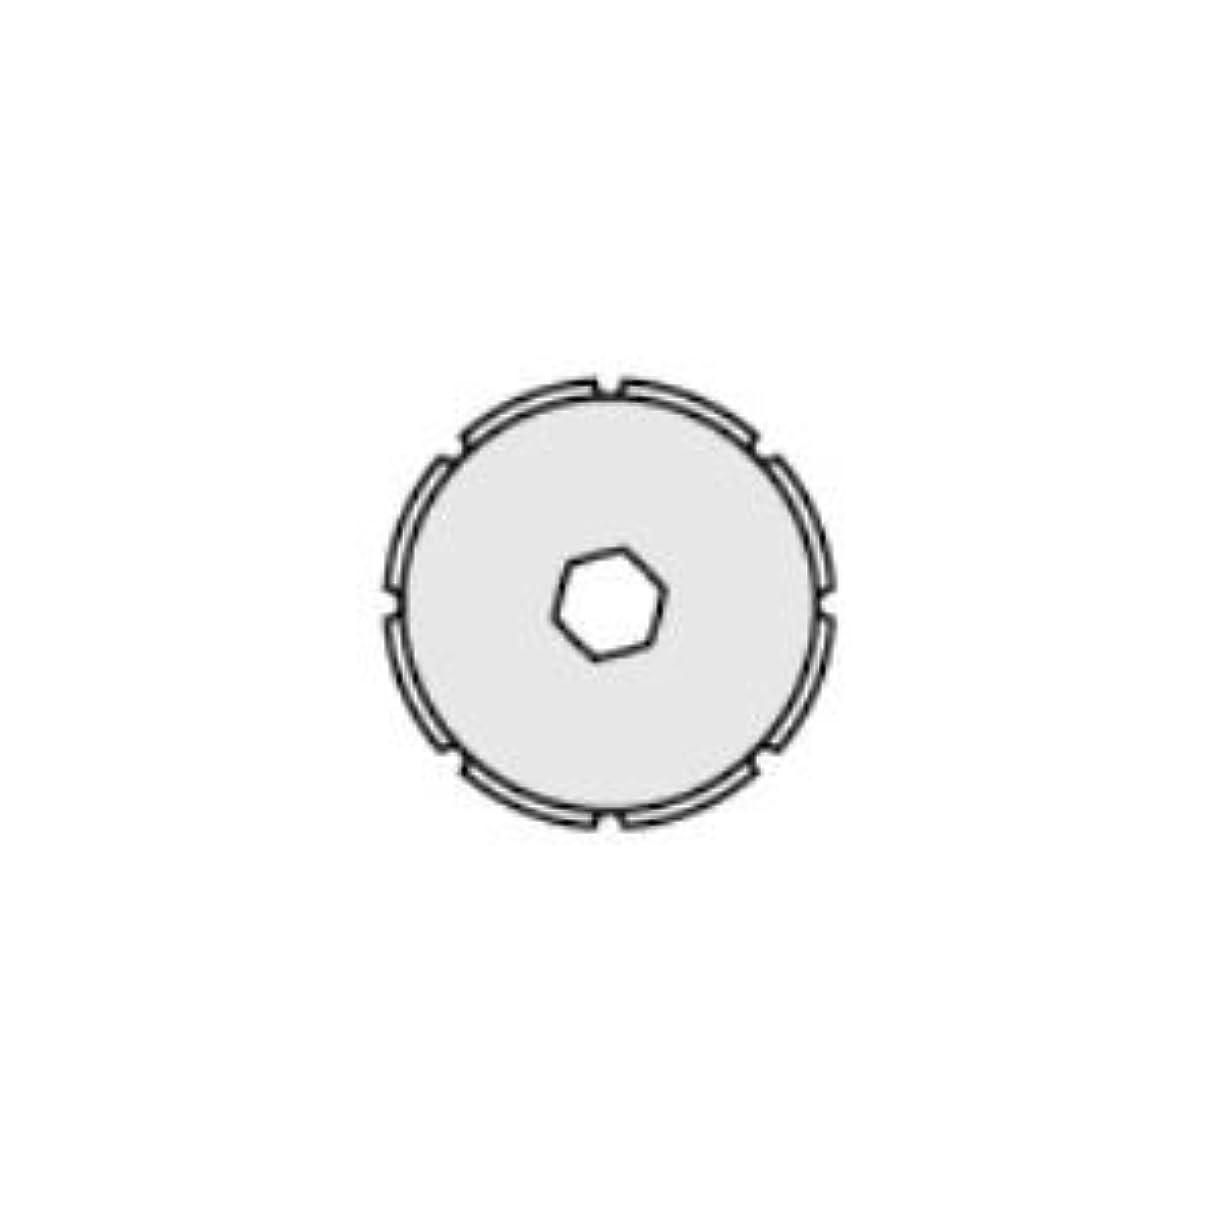 やさしく八百屋さん理解(業務用10セット)オルファ ミシン目ロータリーカッター替刃 XB173 2枚 ds-1470600